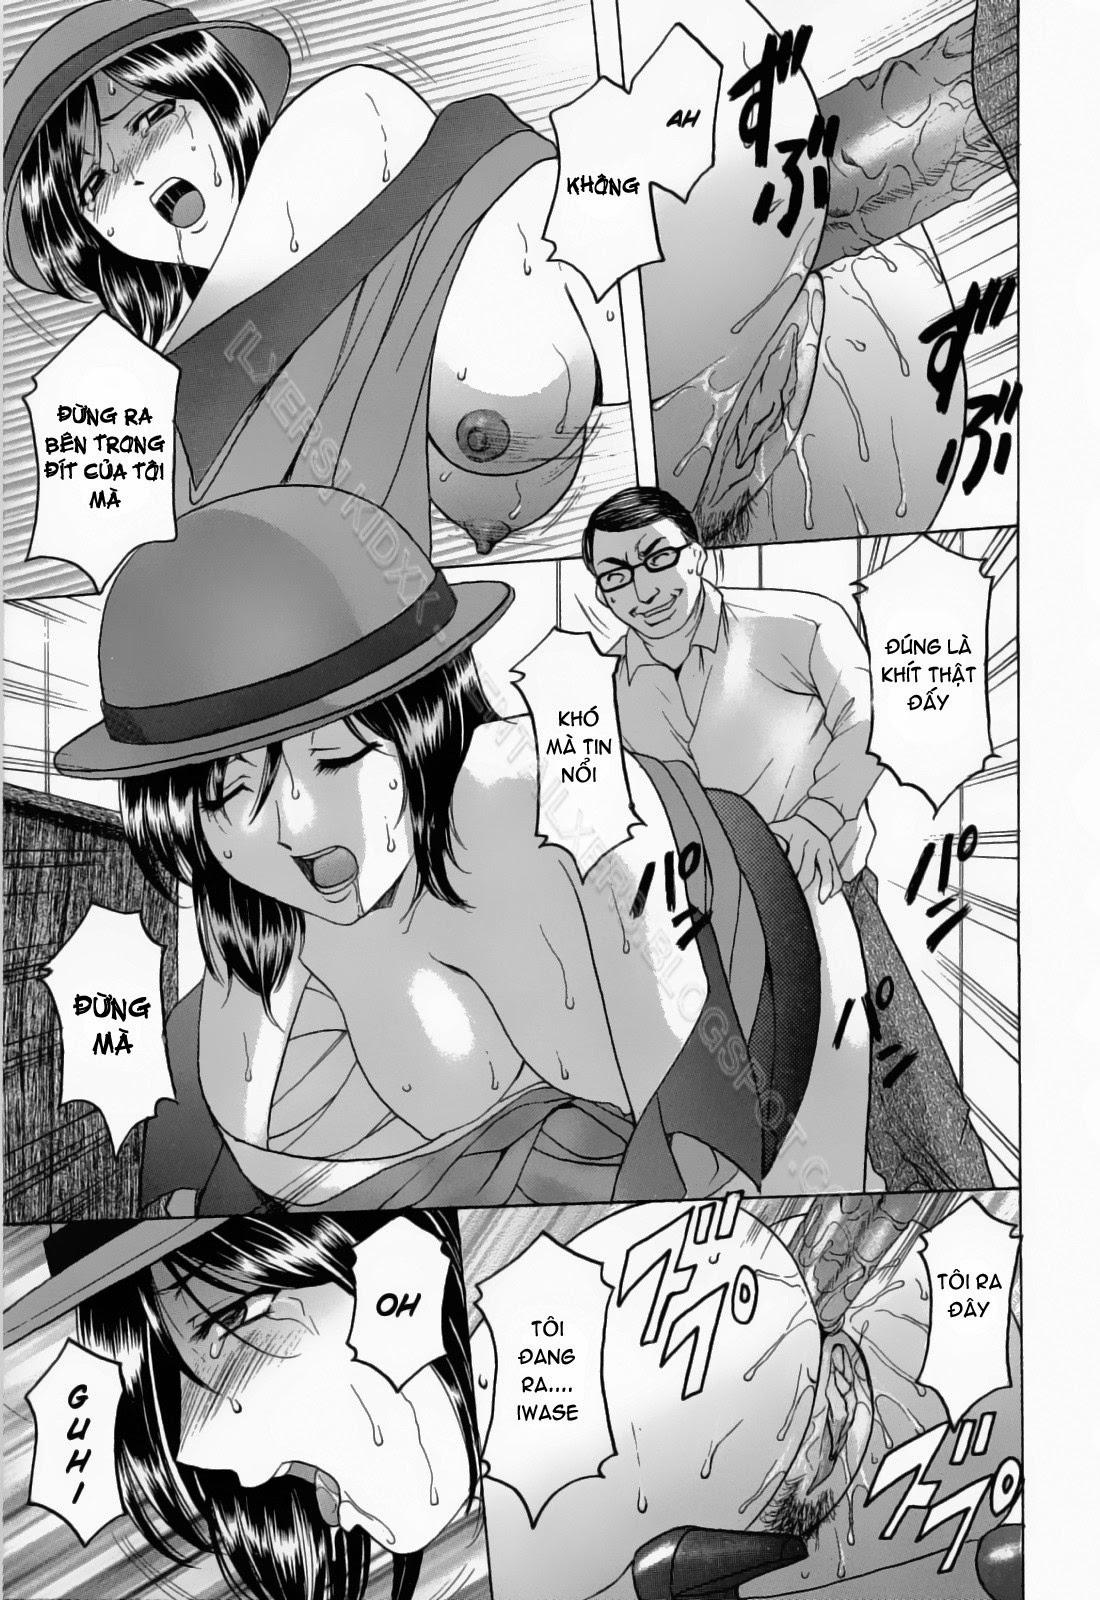 TruyenHay.Com - Ảnh 25 - Hataraku Onee-san wa Back ga Osuki Chapter 1-2